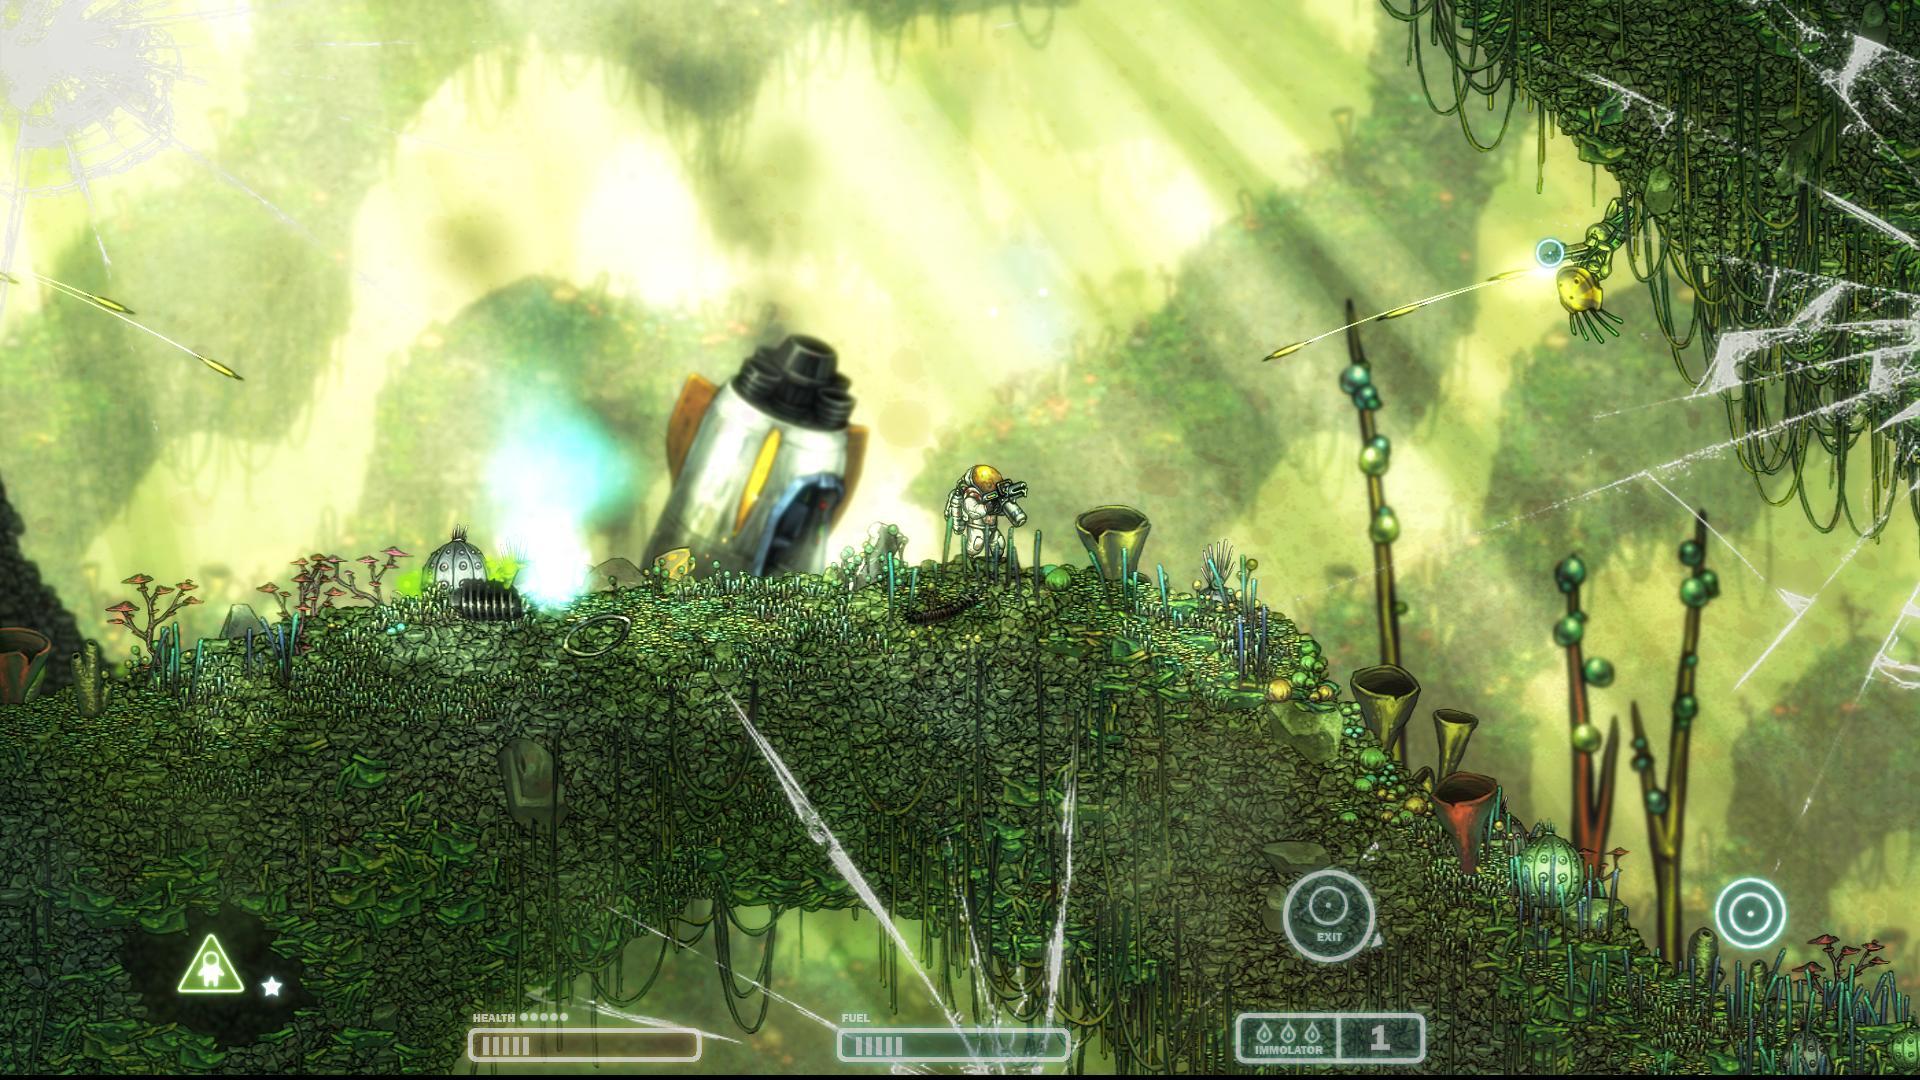 Ninja 3d Wallpaper Capsized 2d Action Platform Game By Alientrap